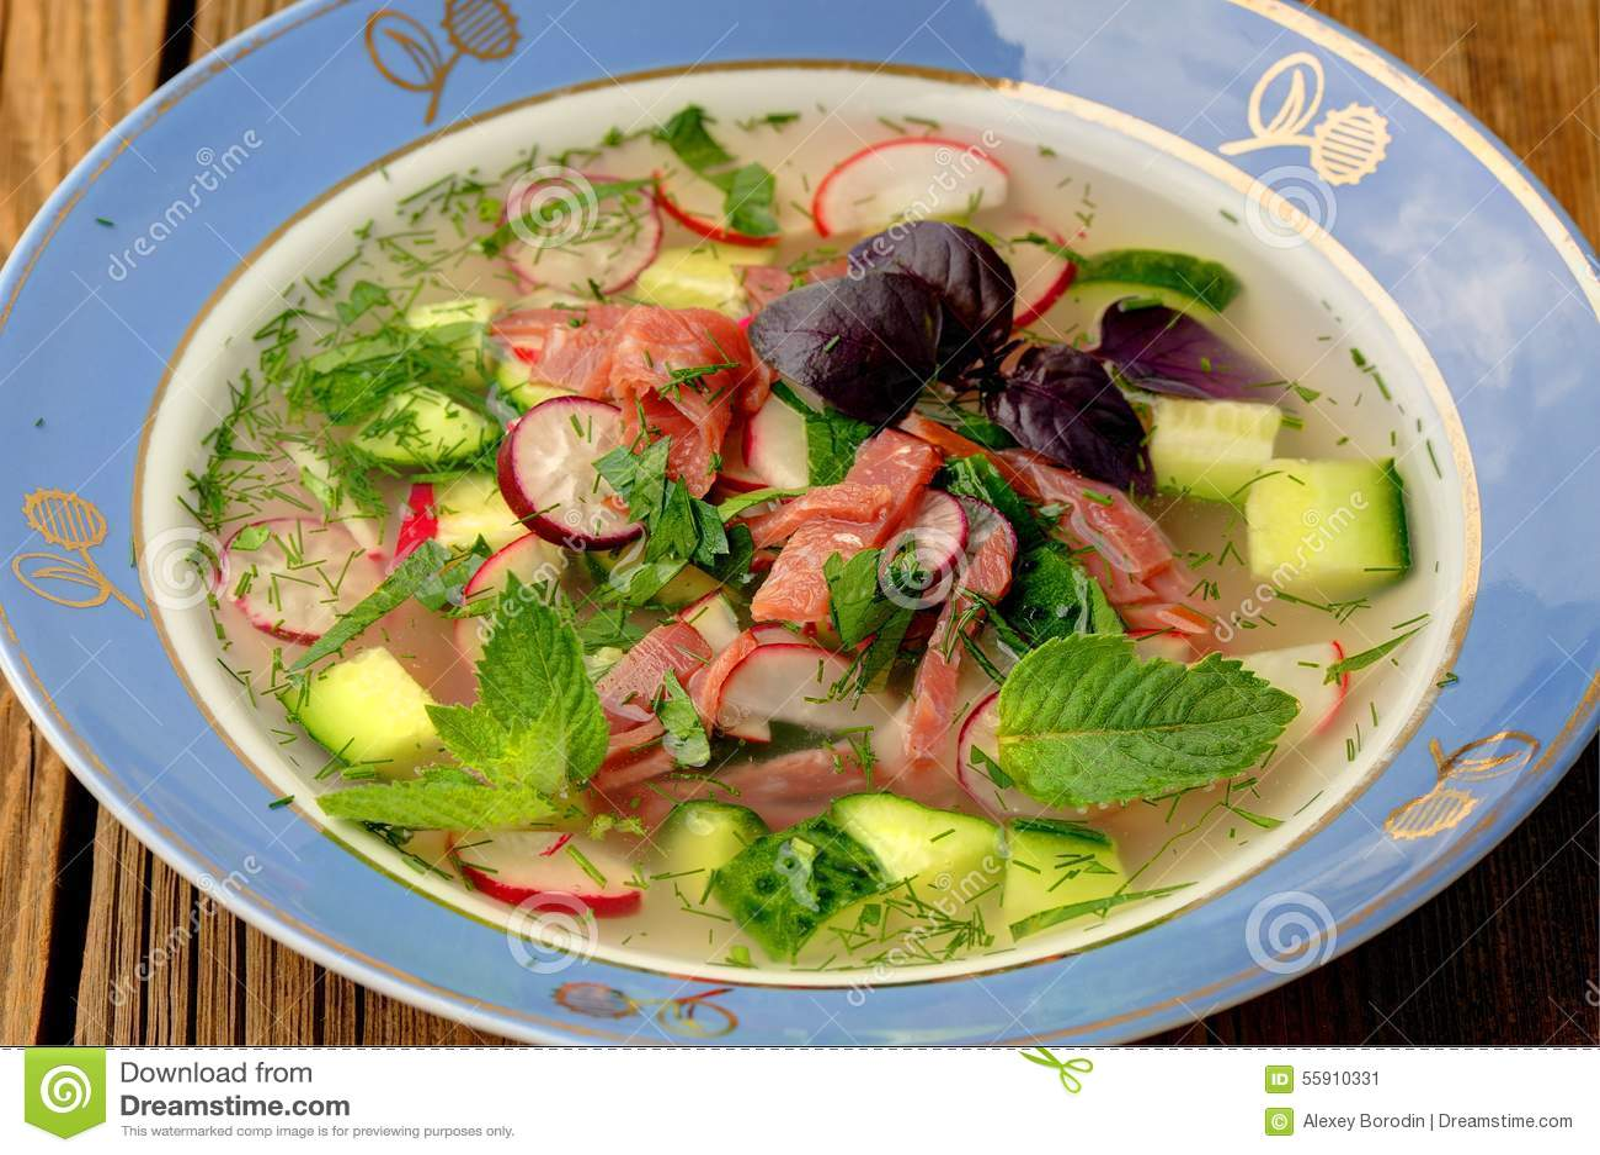 Okroshka soupe russe froide traditionnelle avec des kvas concombres ra image stock image du - Cuisine traditionnelle russe ...